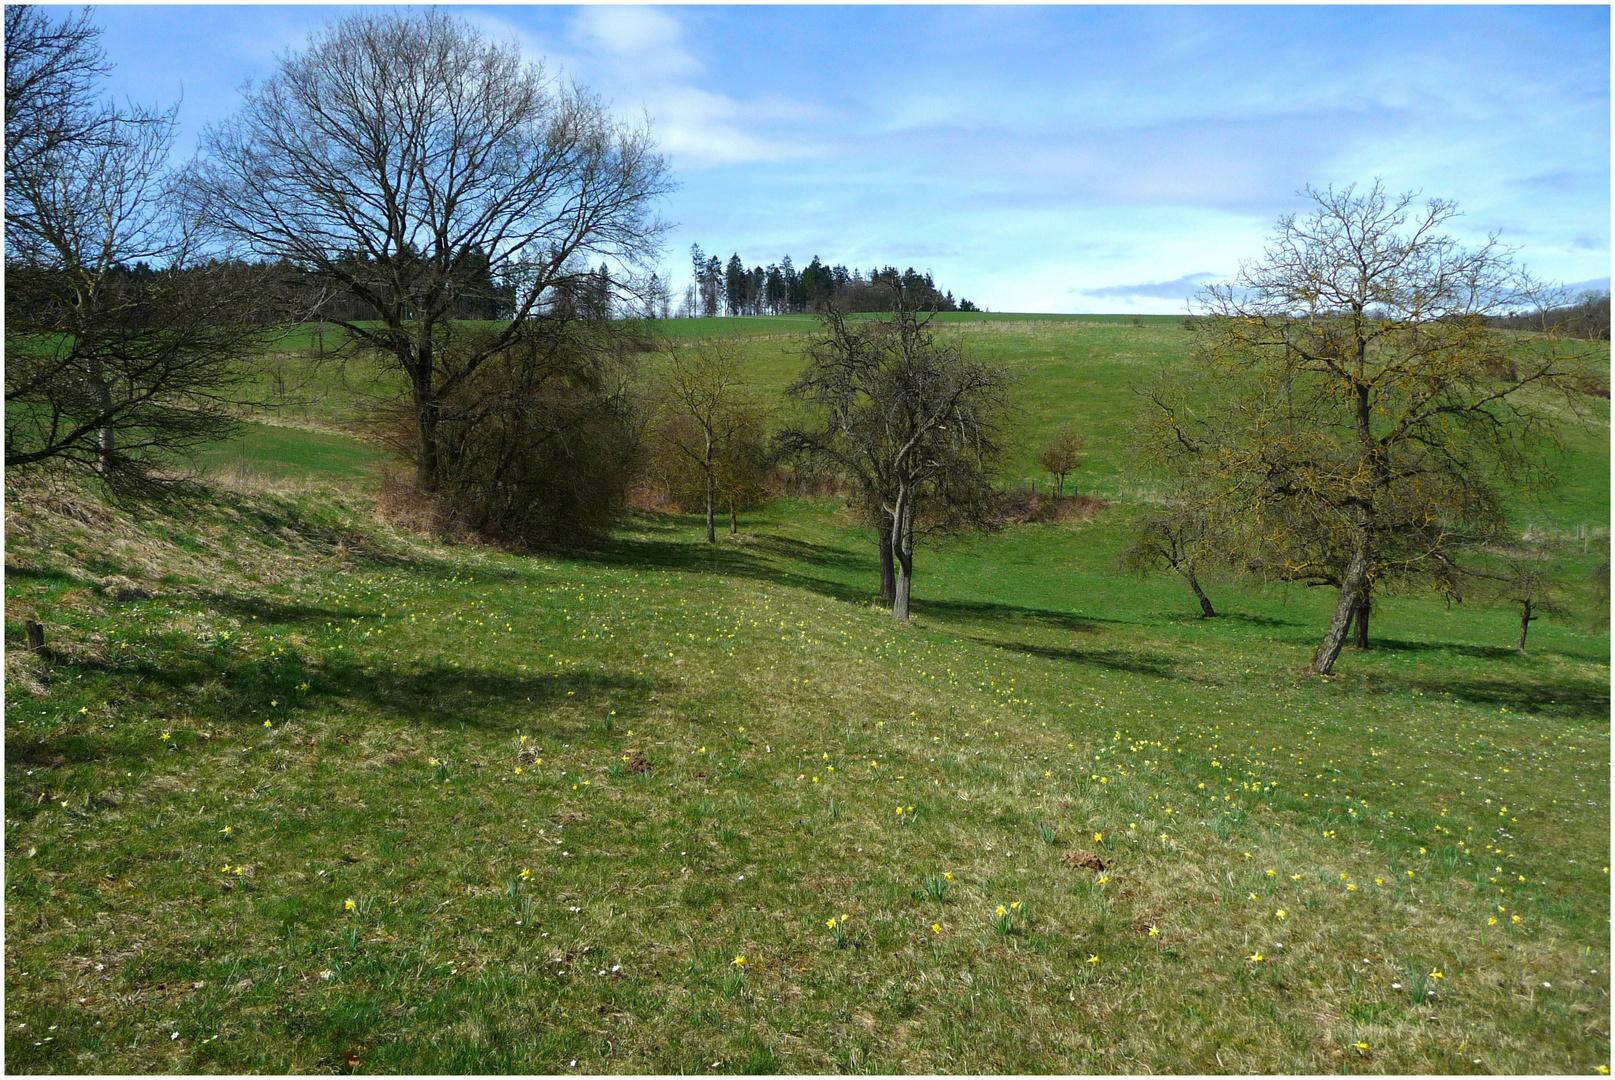 Misselblumenwiese in Misselberg bei Nassau/Lahn